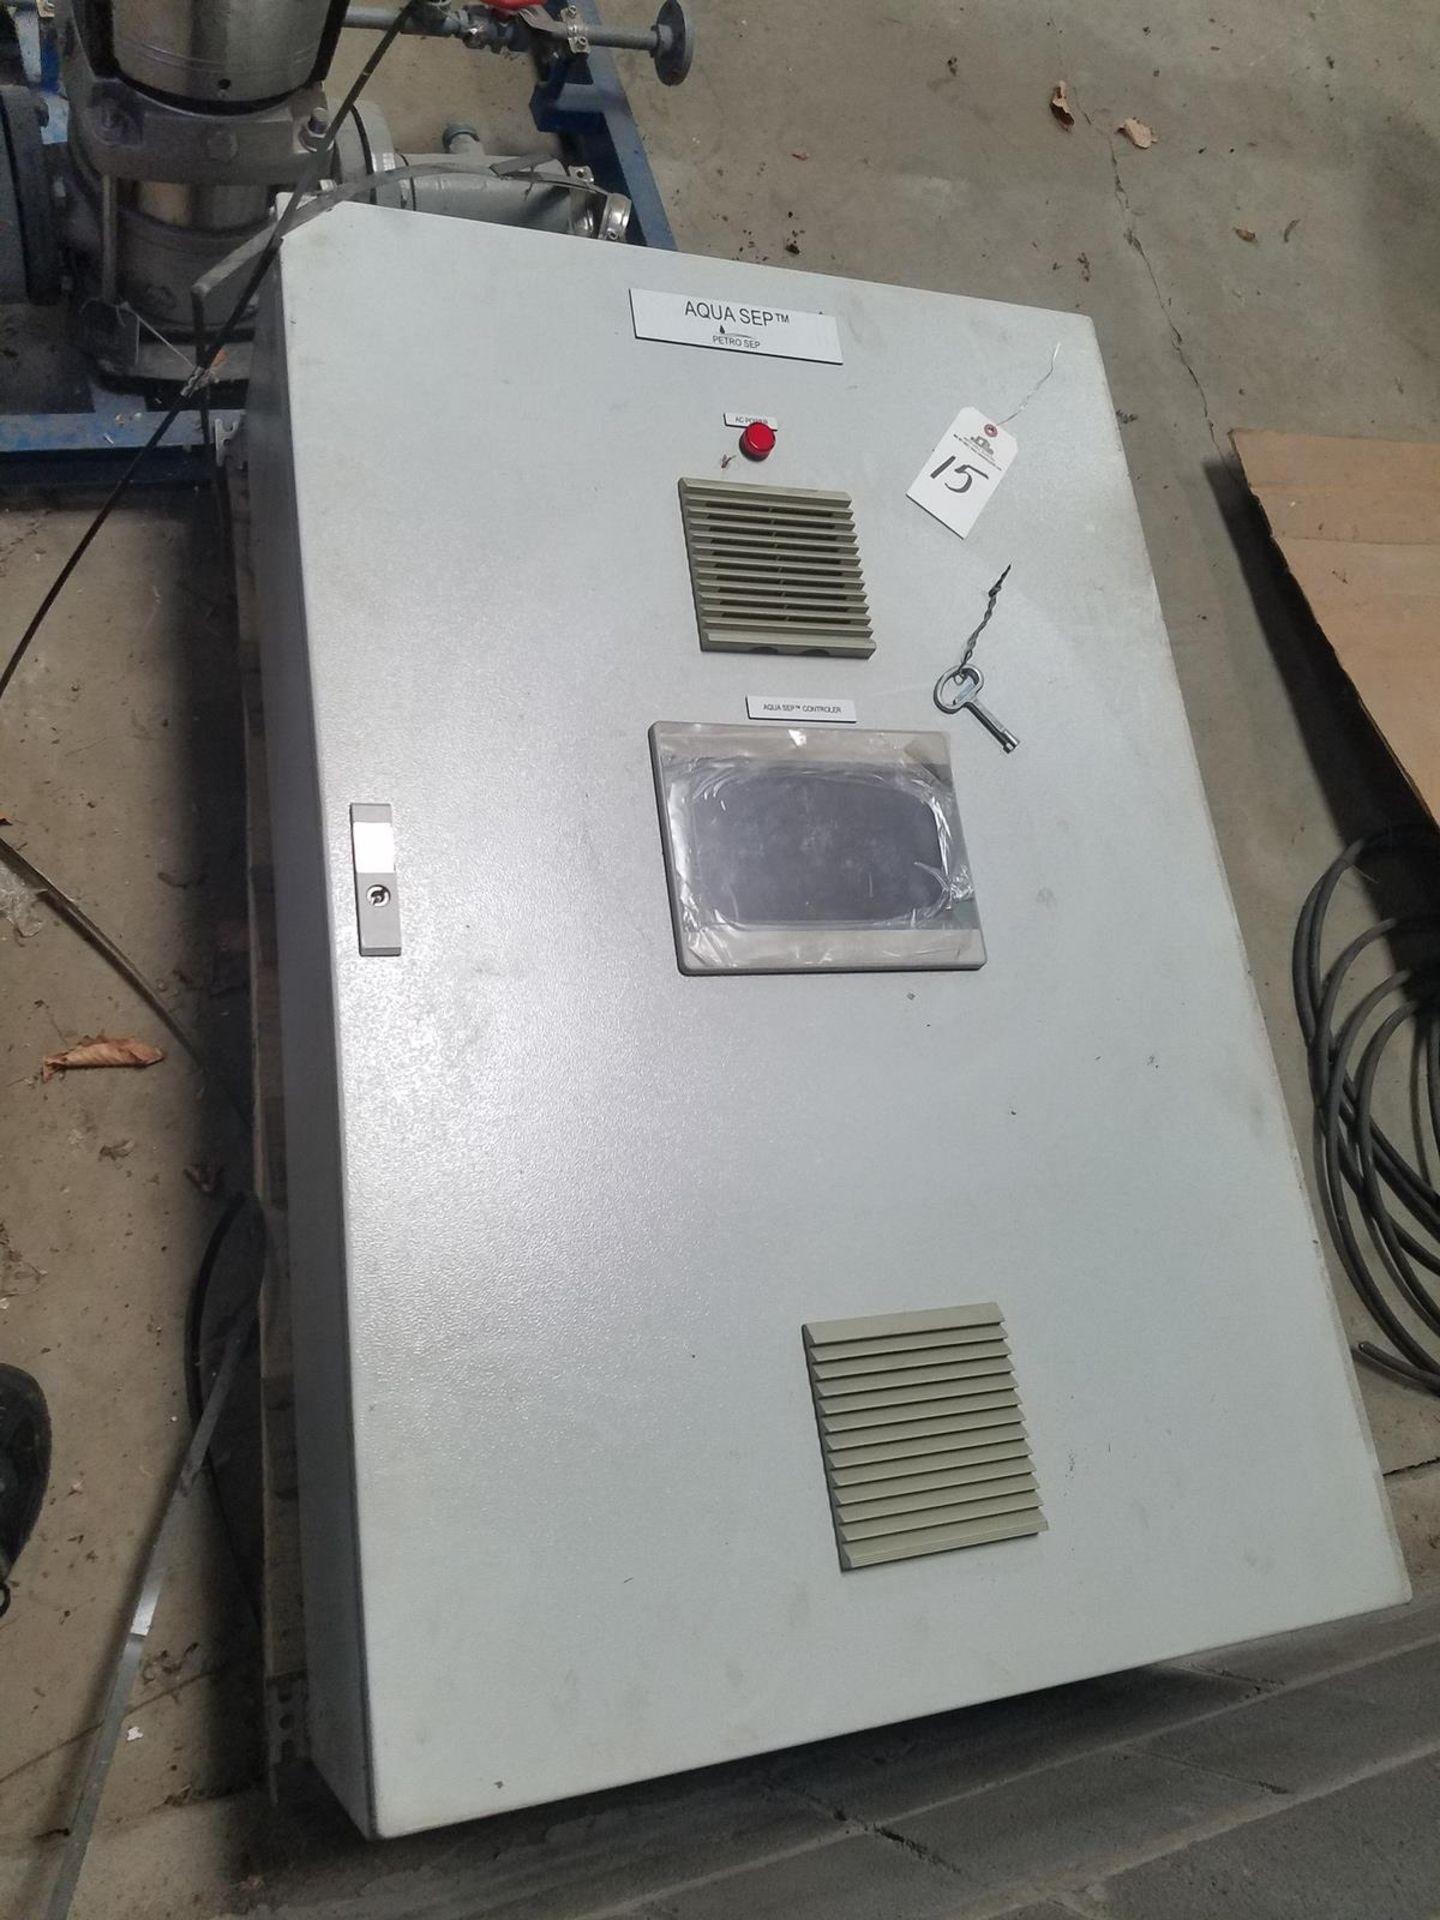 Aqua Sep Control Panel | Rig Fee: $25